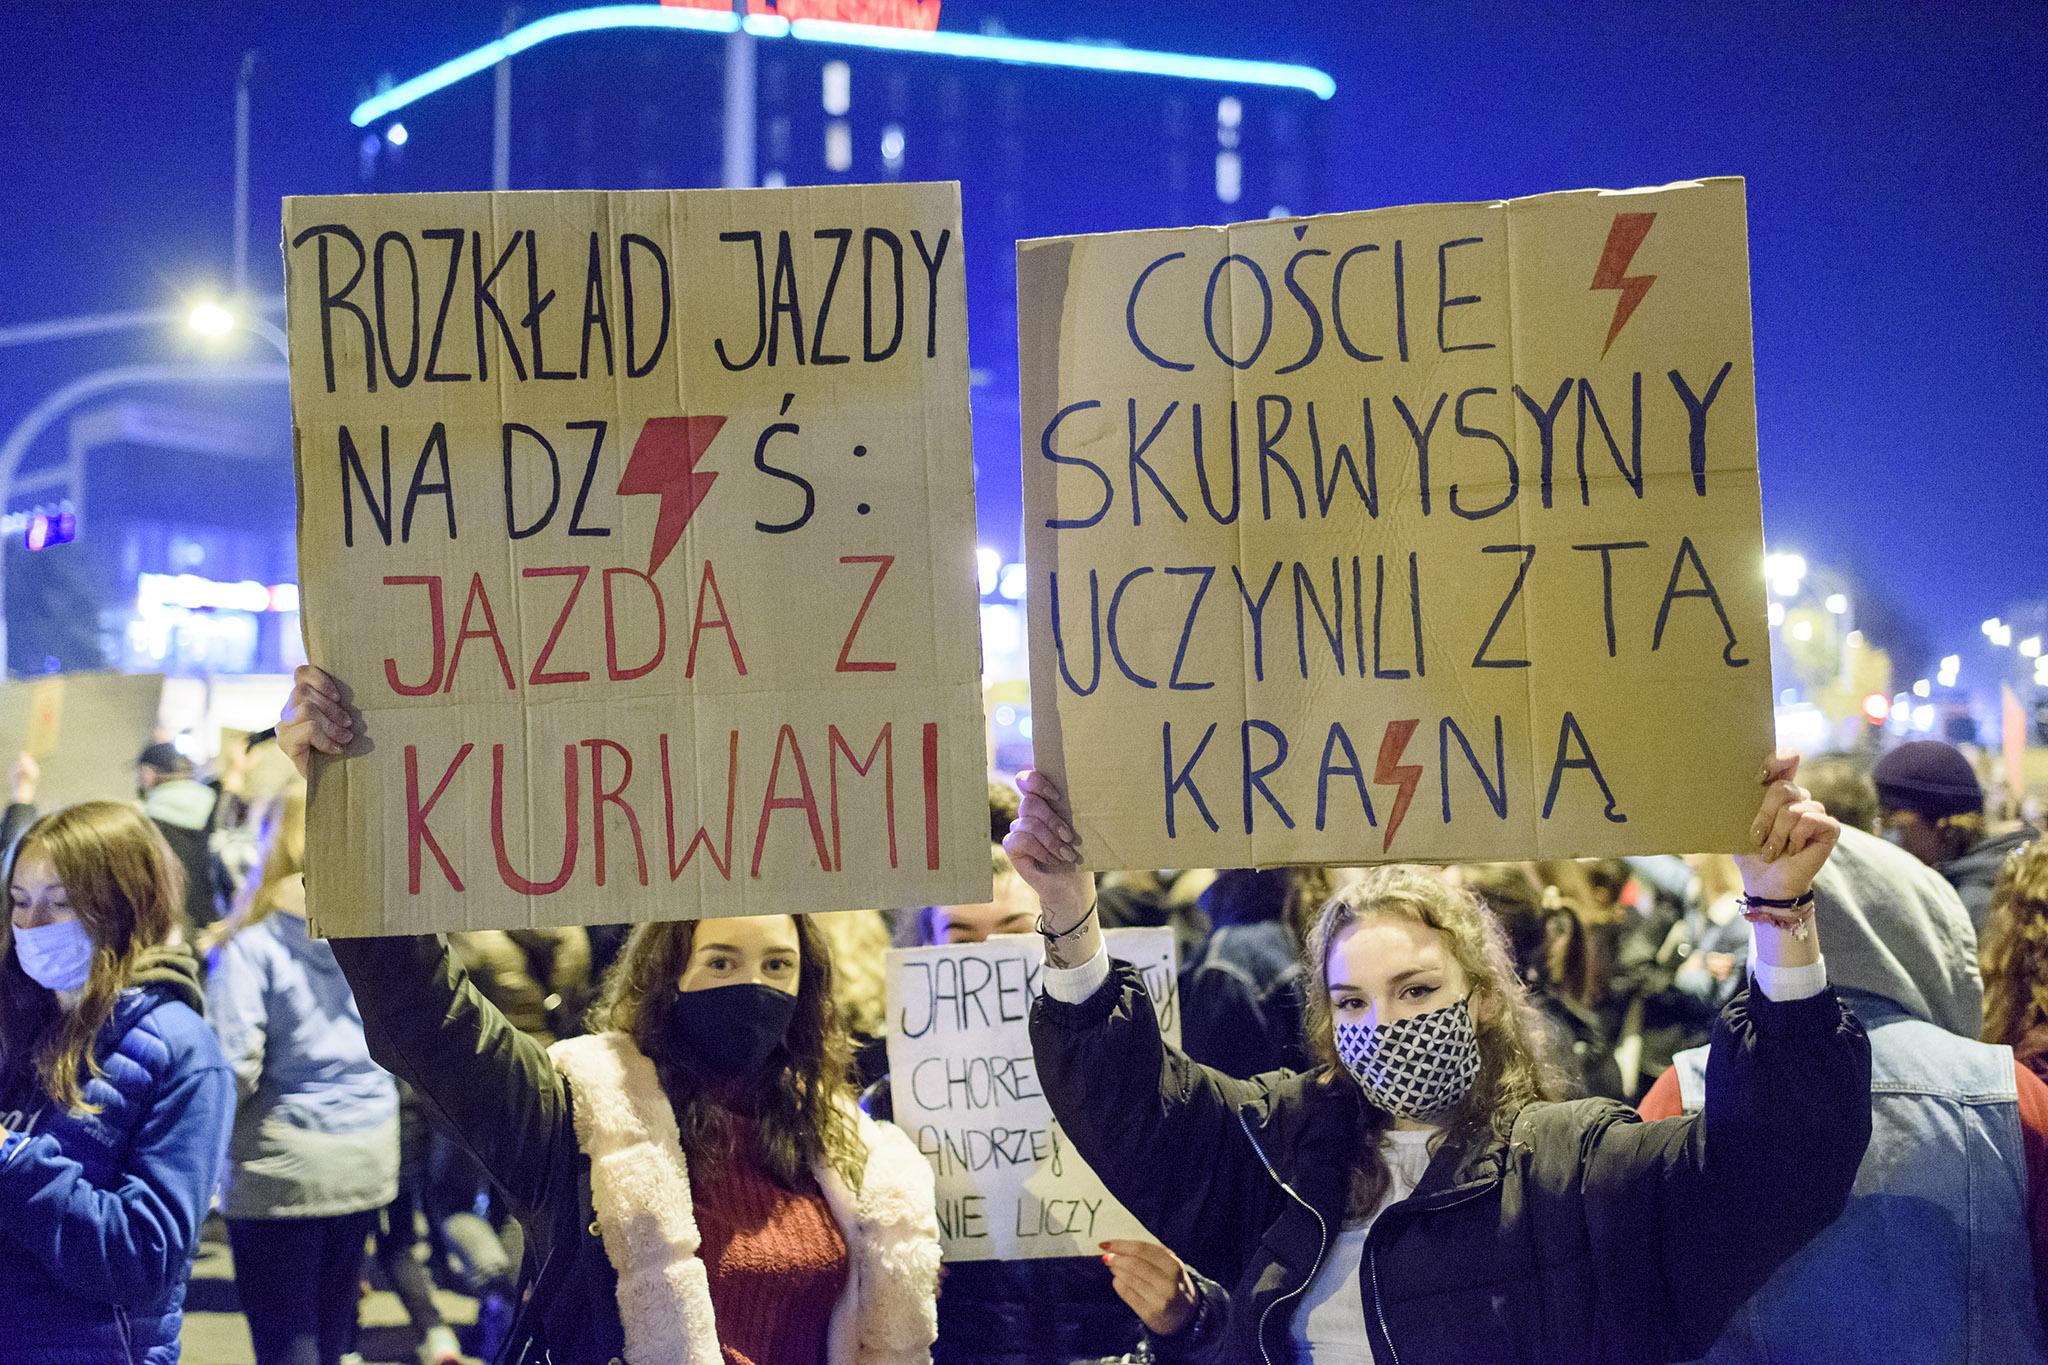 DSC_4234_RZESZOW_NEWS_SEBASTIAN_STANKIEWICZ